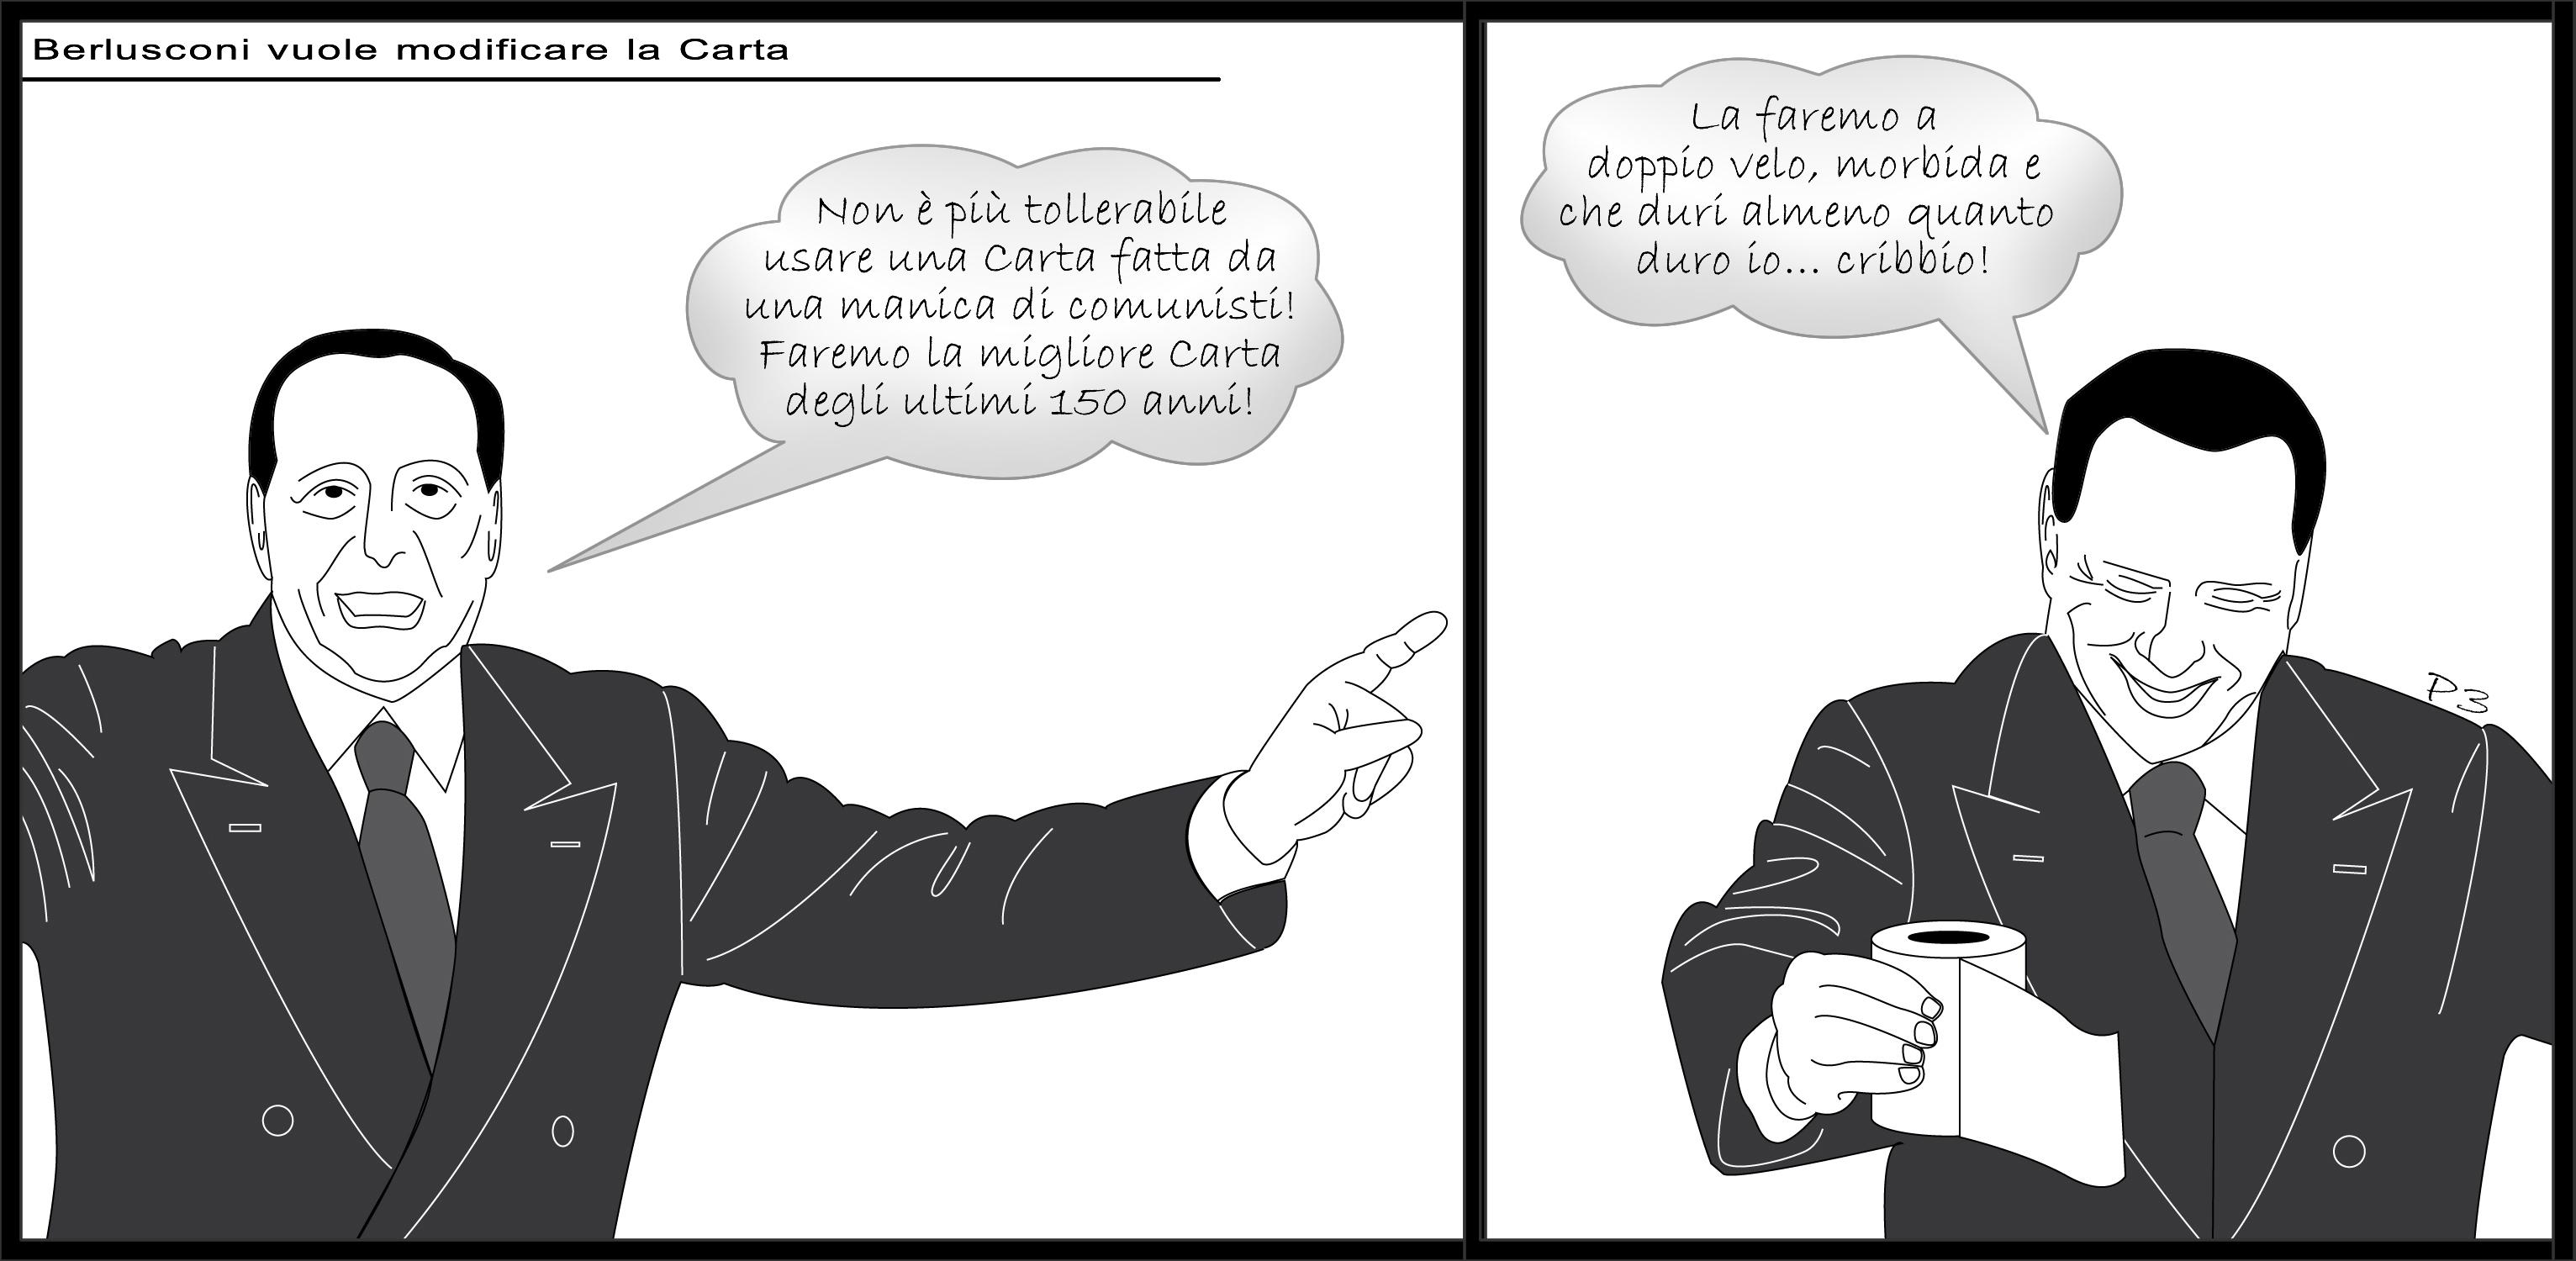 Berlusconi e la carta costituzionale